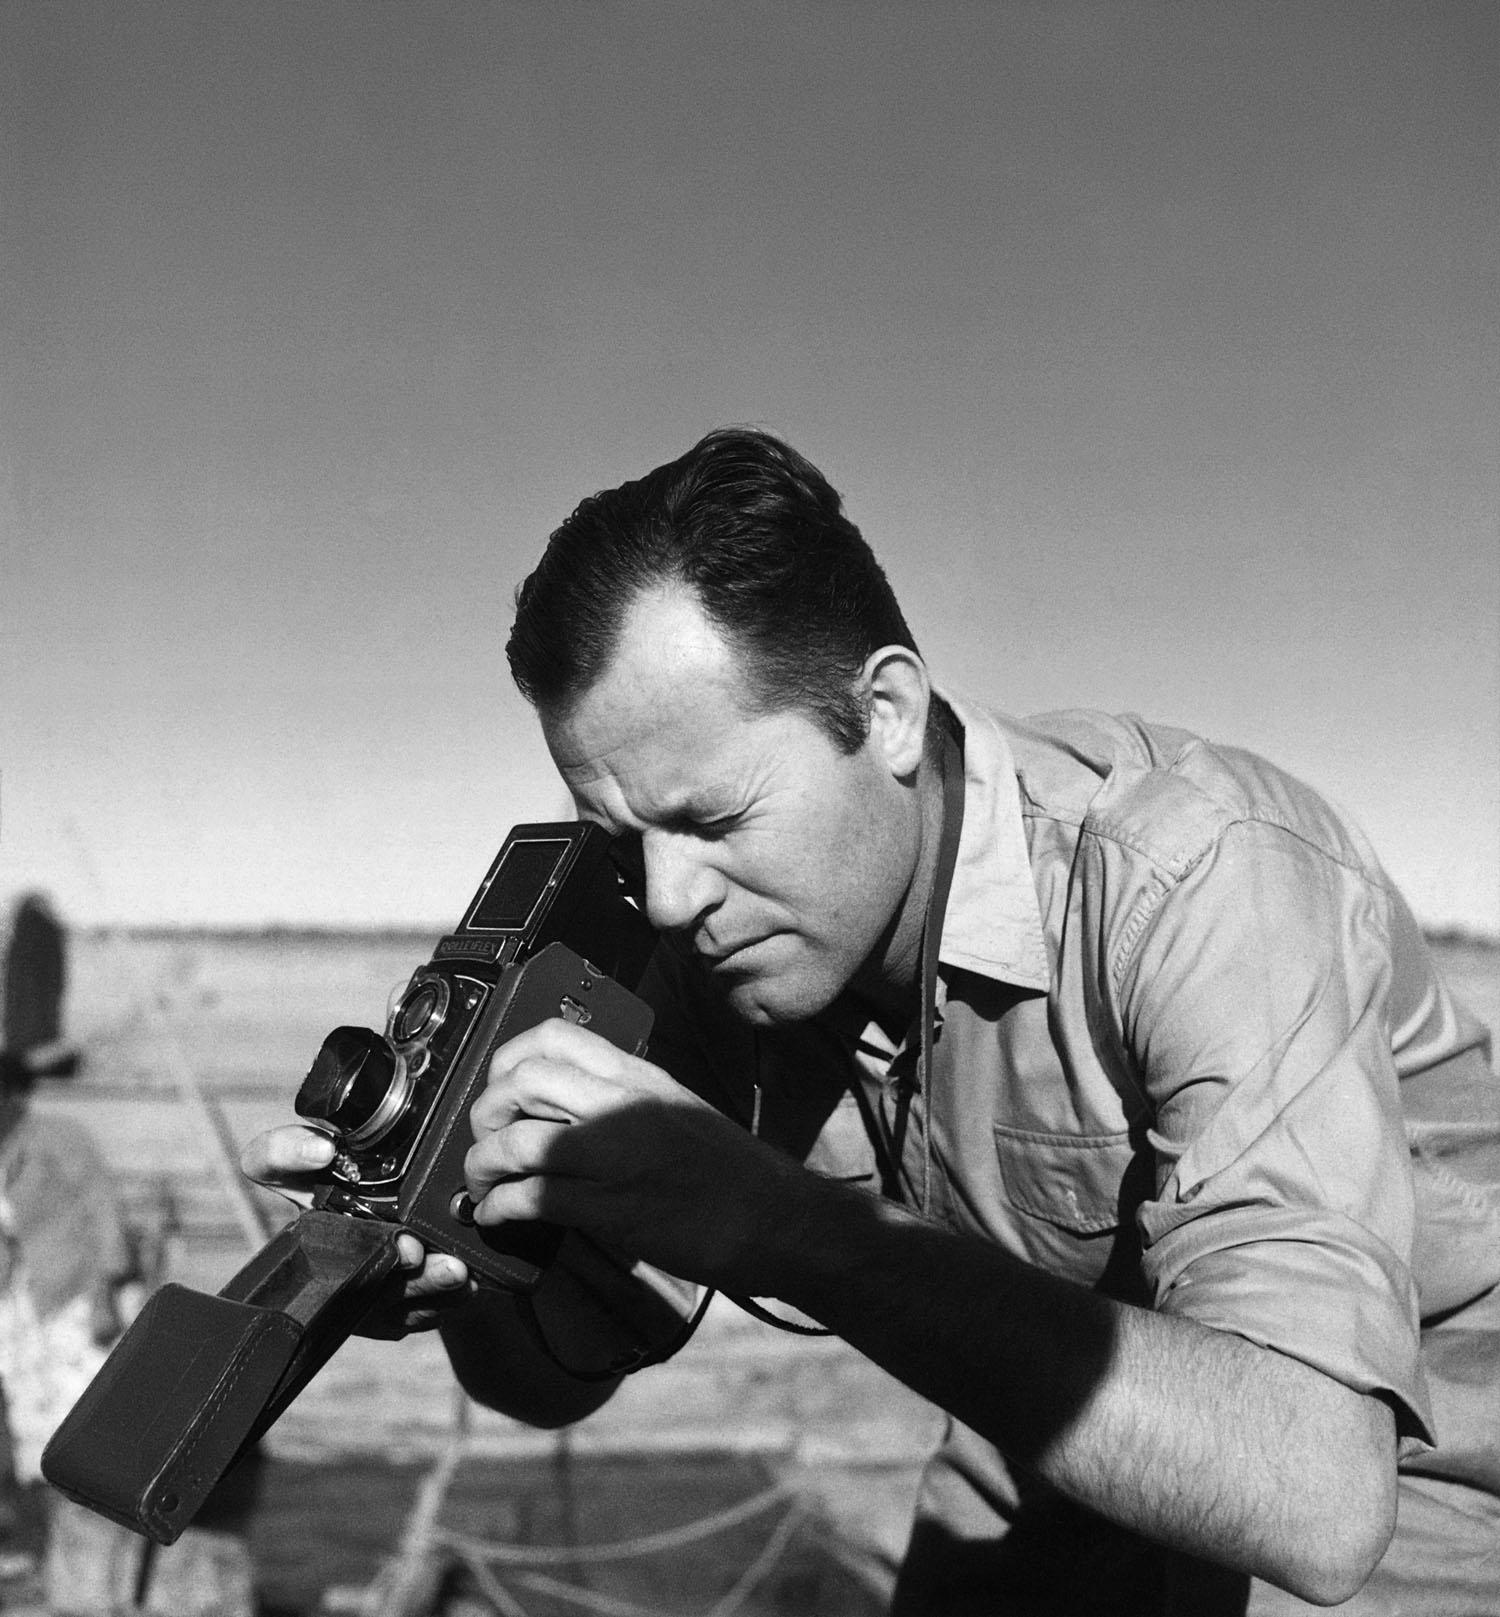 O fotógrafo está inclinado para frente, segurando uma câmera e olhando através do visor do equipamento